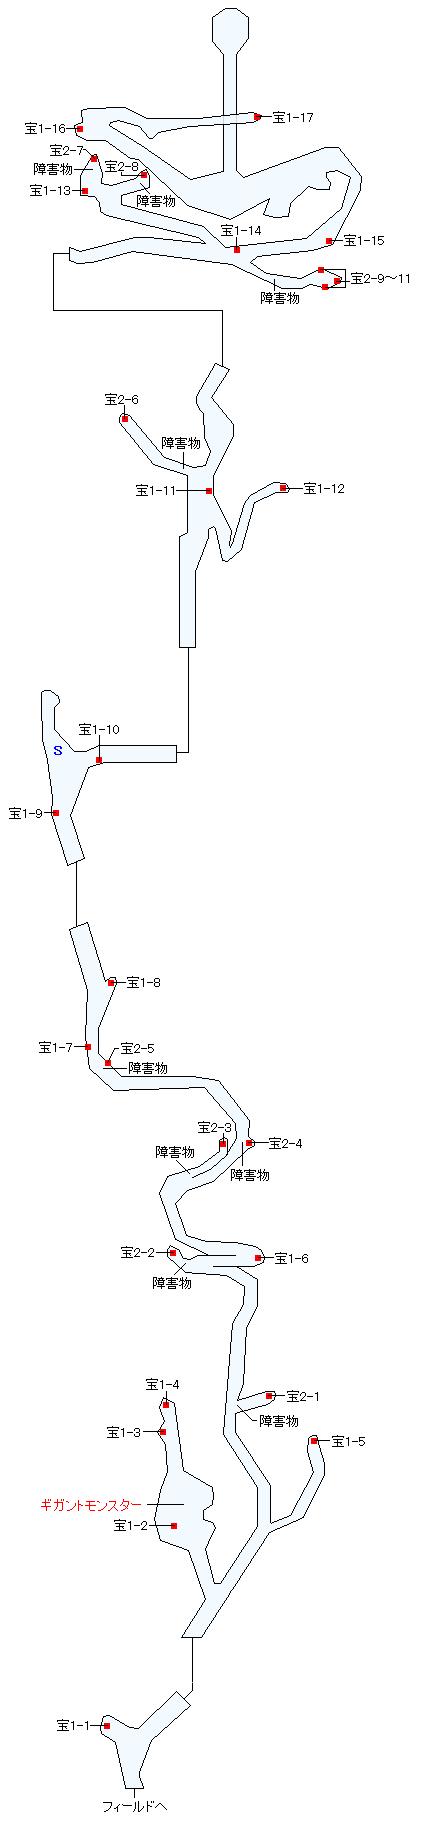 テムザ山マップ